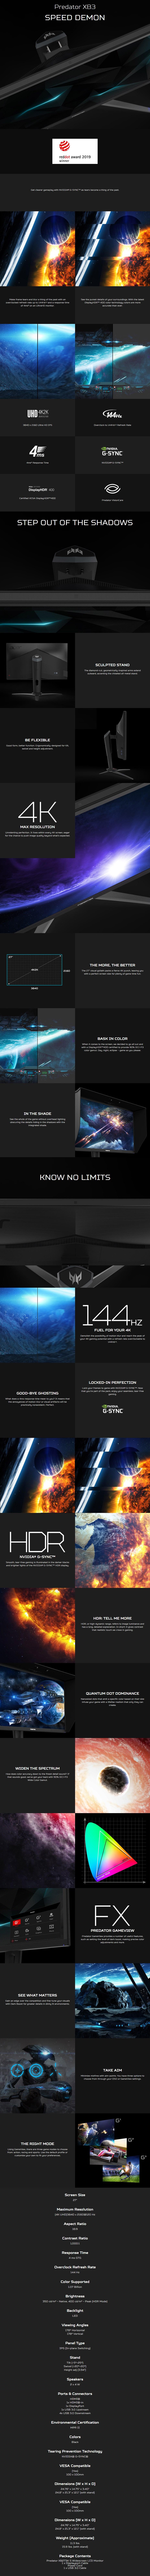 acer-predator-xb273ks-27-uhd-144hz-gsync-ips-gaming-monitor-ac32195-6.jpg